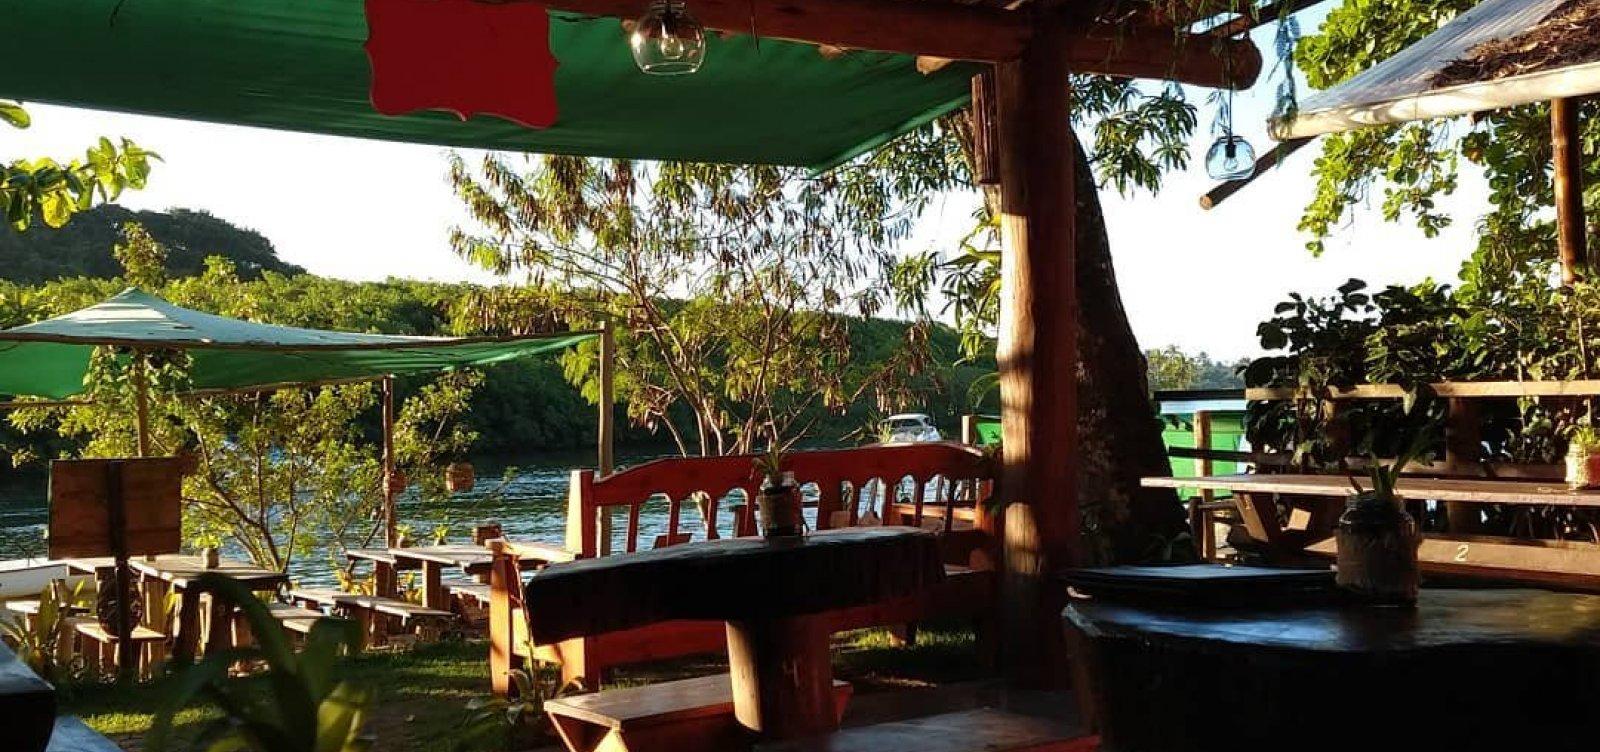 [Restaurante Manga Rosa: para almoço, drinques e petiscos com vista para o rio, em Caraíva]